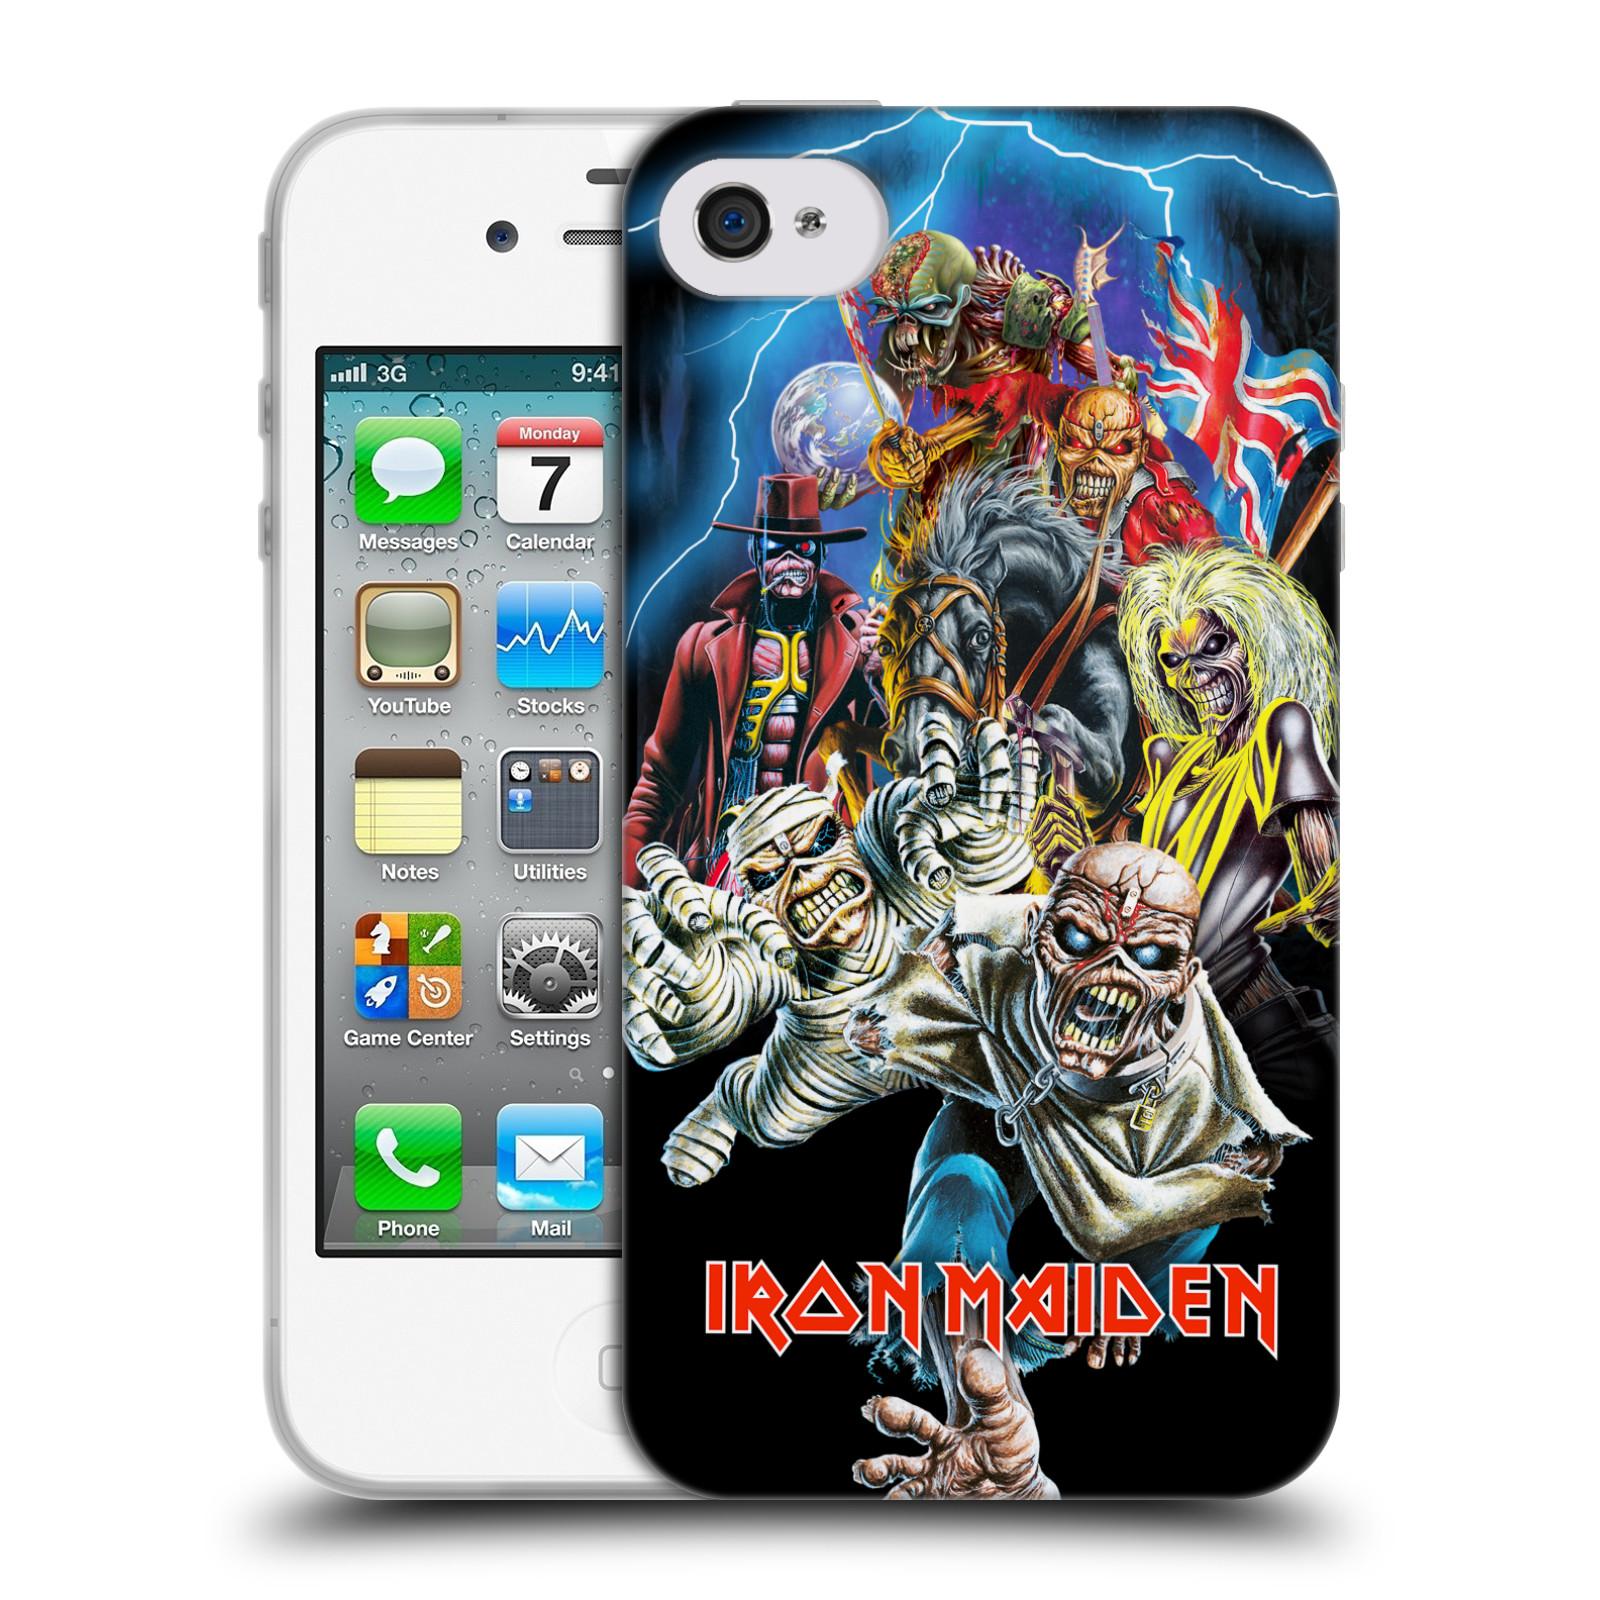 Silikonové pouzdro na mobil Apple iPhone 4 a 4S HEAD CASE - Iron Maiden - Best Of Beast (Silikonový kryt či obal na mobilní telefon s licencovaným motivem Iron Maiden Apple iPhone 4 a 4S)